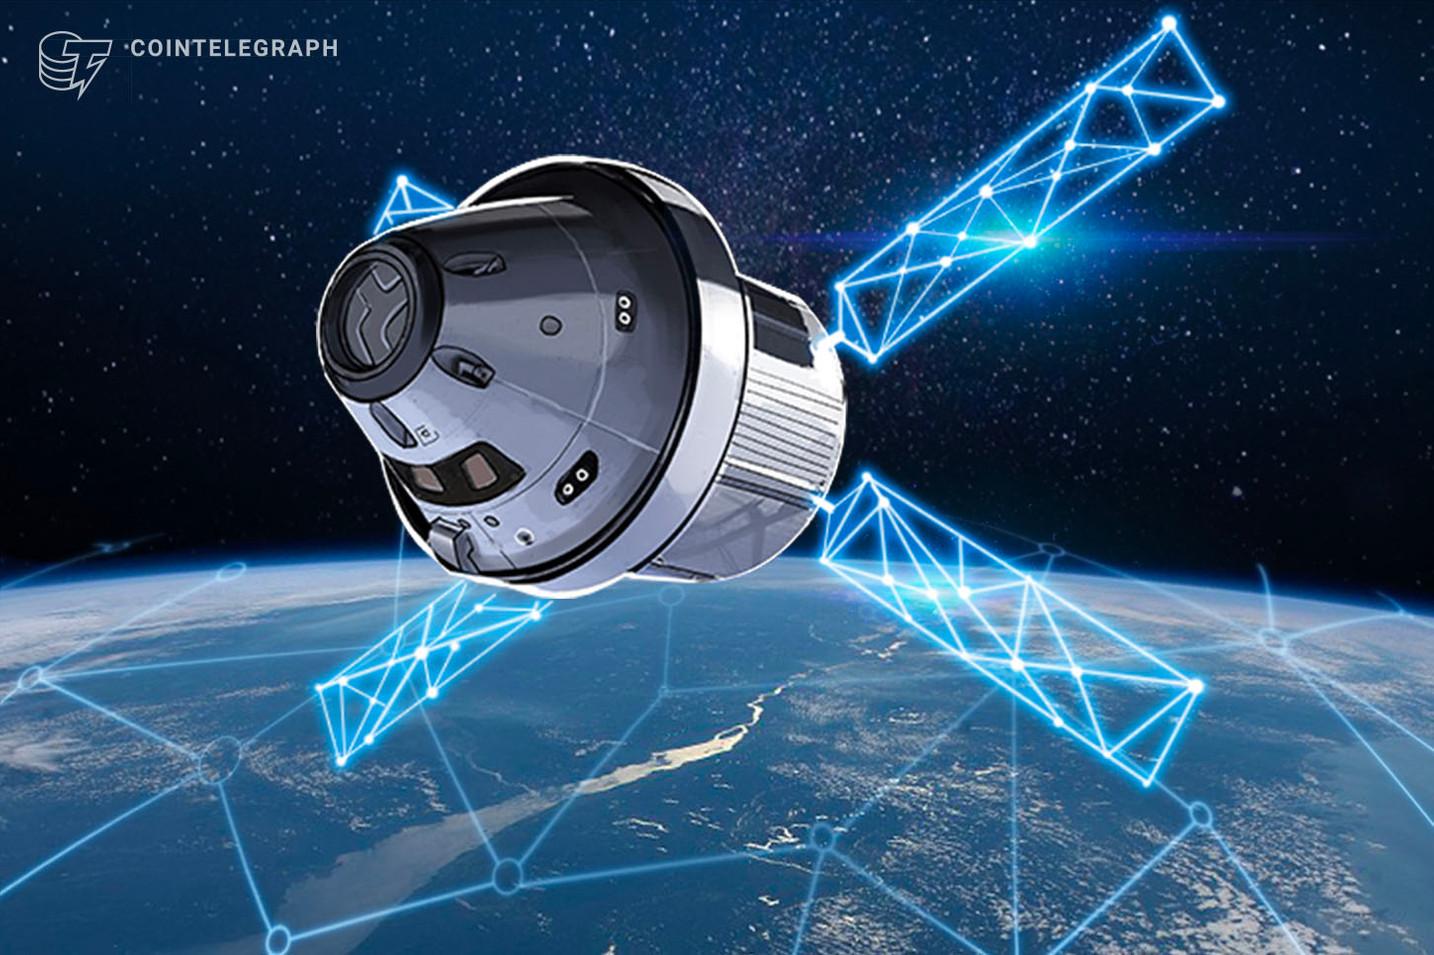 Evropske svemirske agencije dodeljuje 60 hiljada evra za blokčein satelitski novčanik